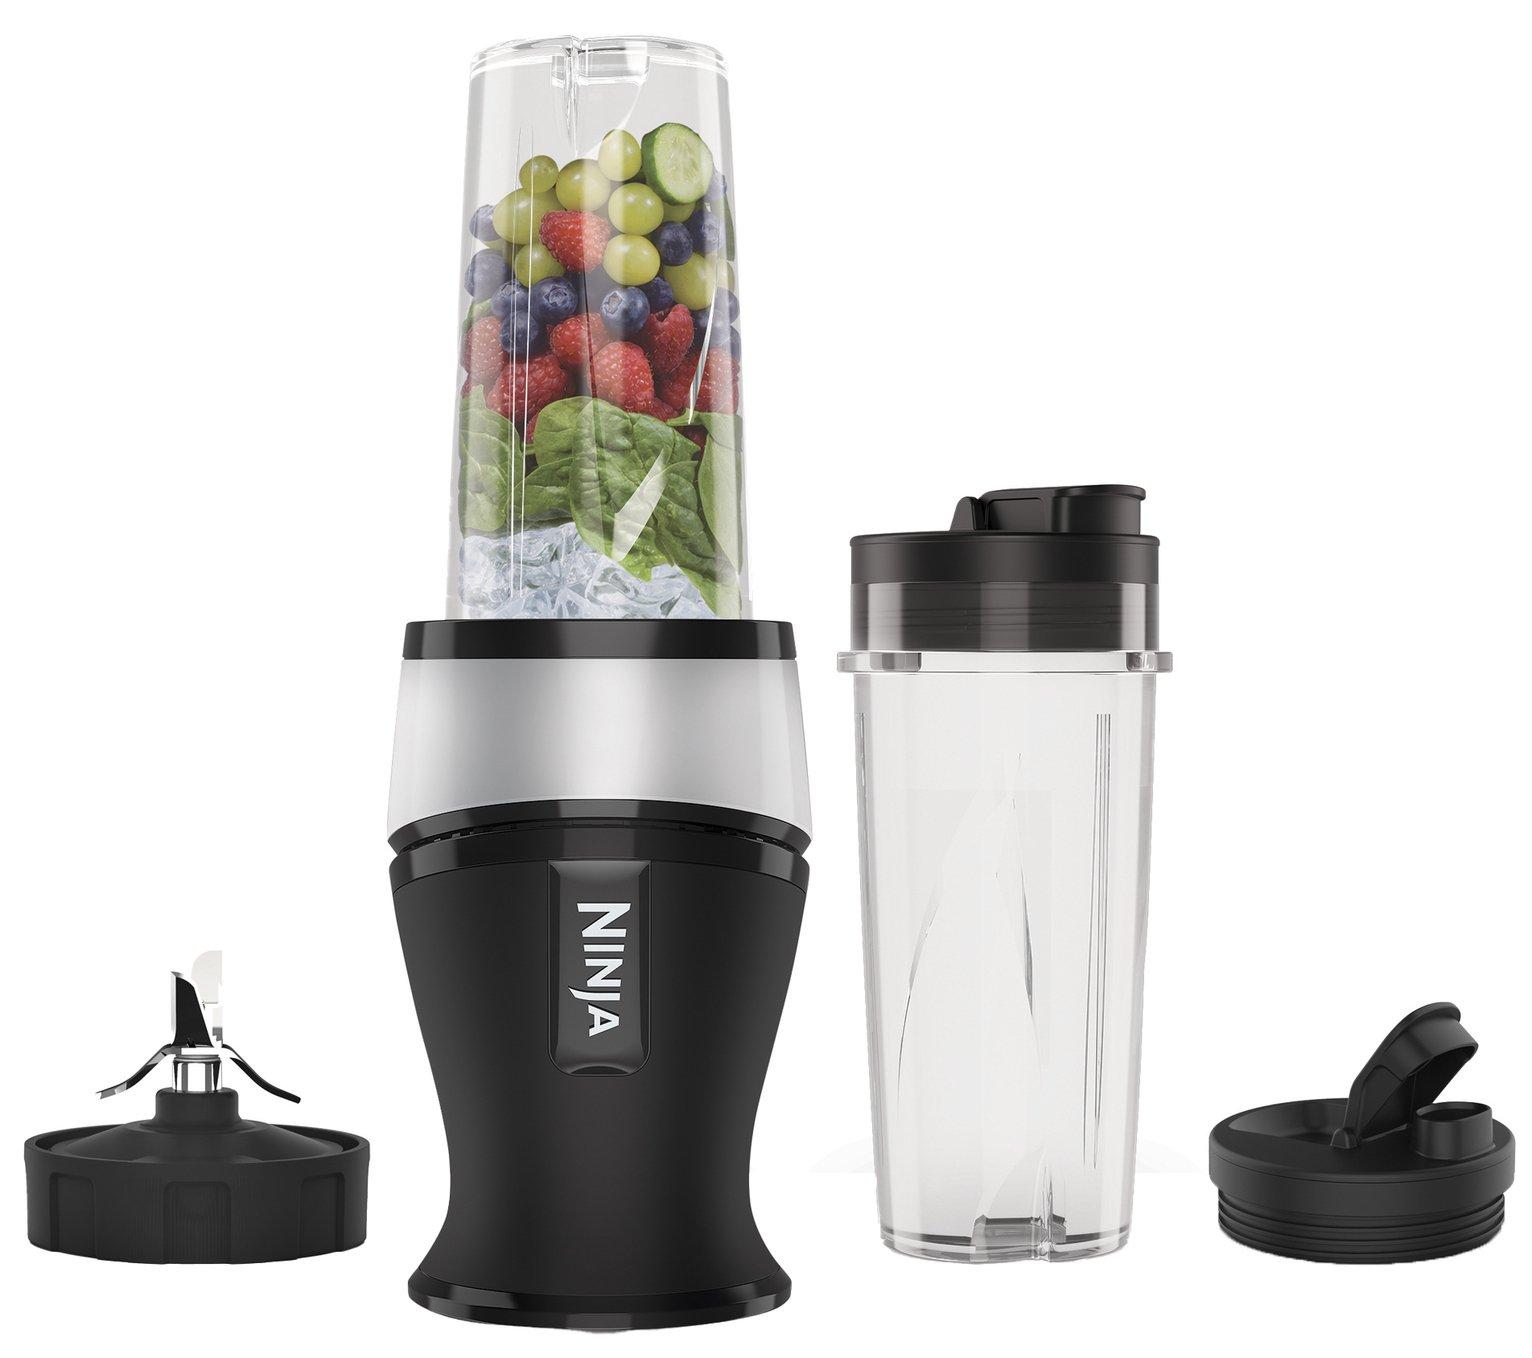 Nutri Ninja blender and smoothie maker